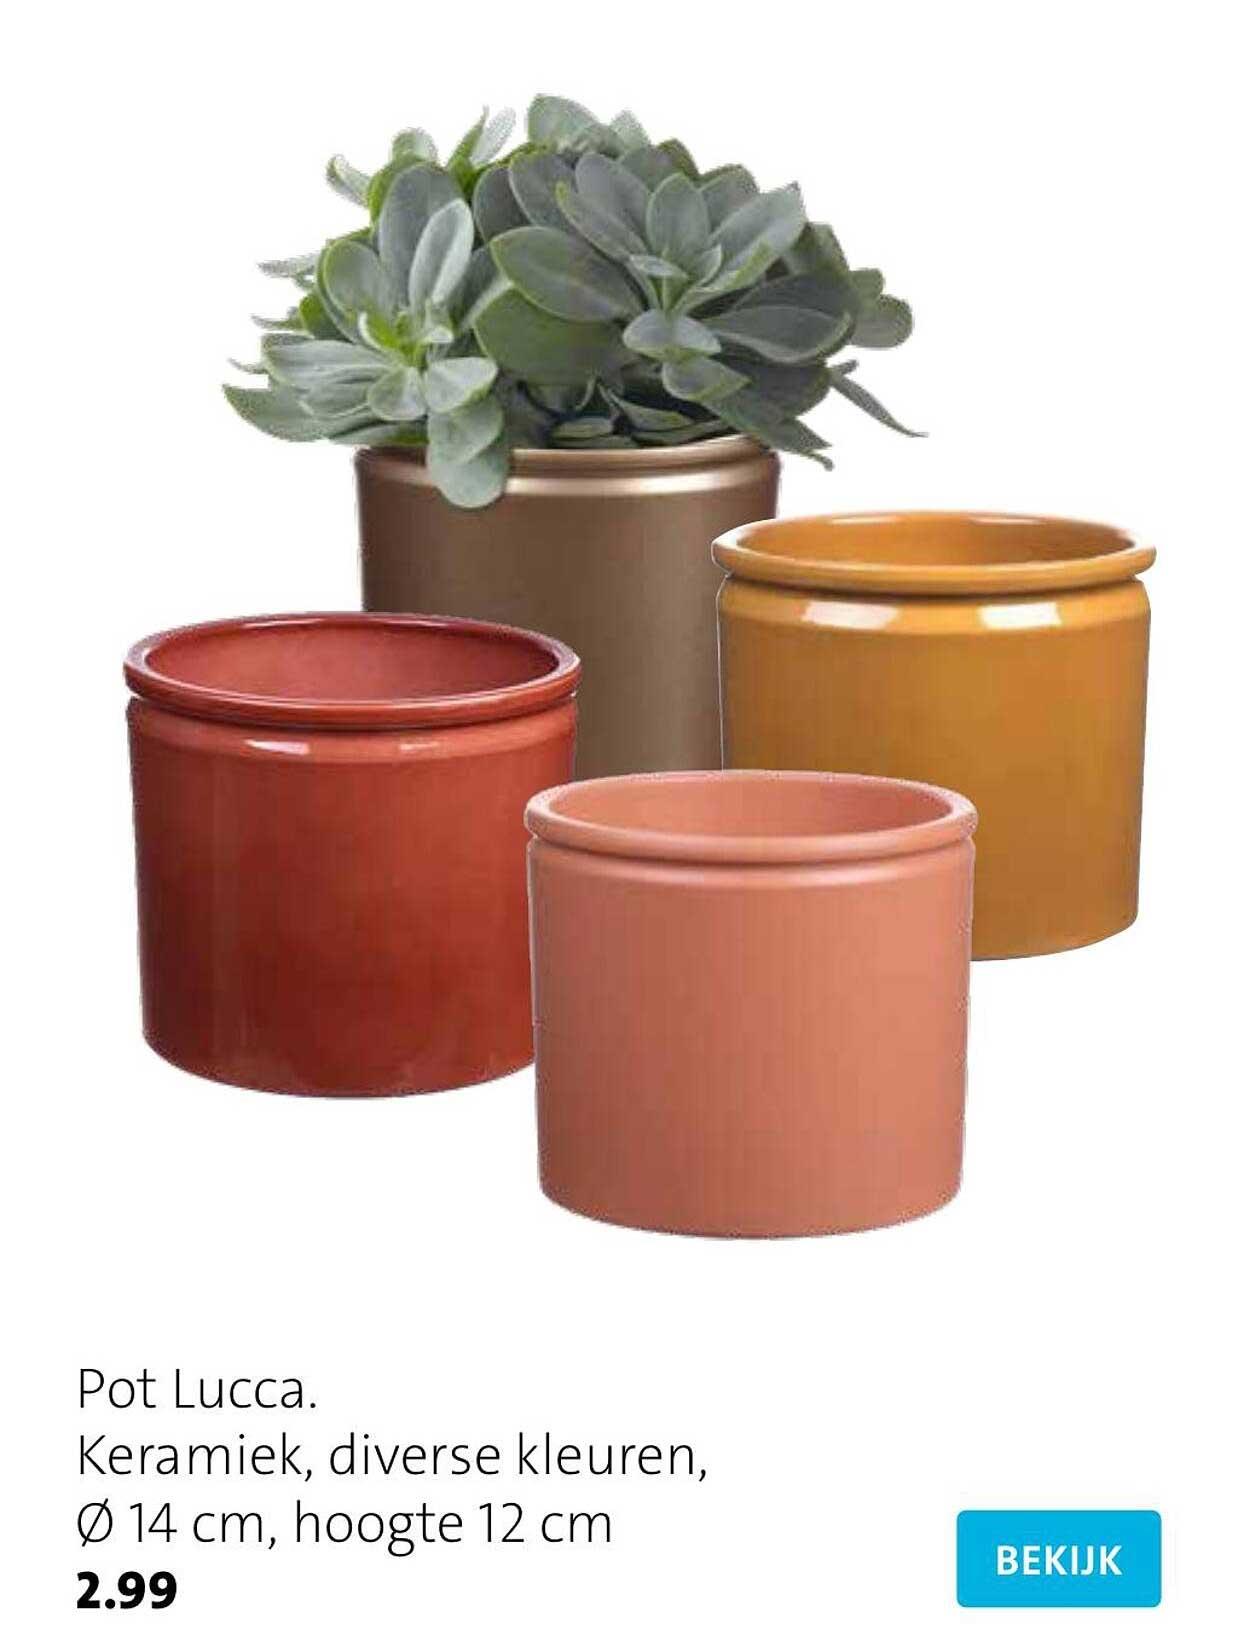 Intratuin Pot Lucca Keramiek